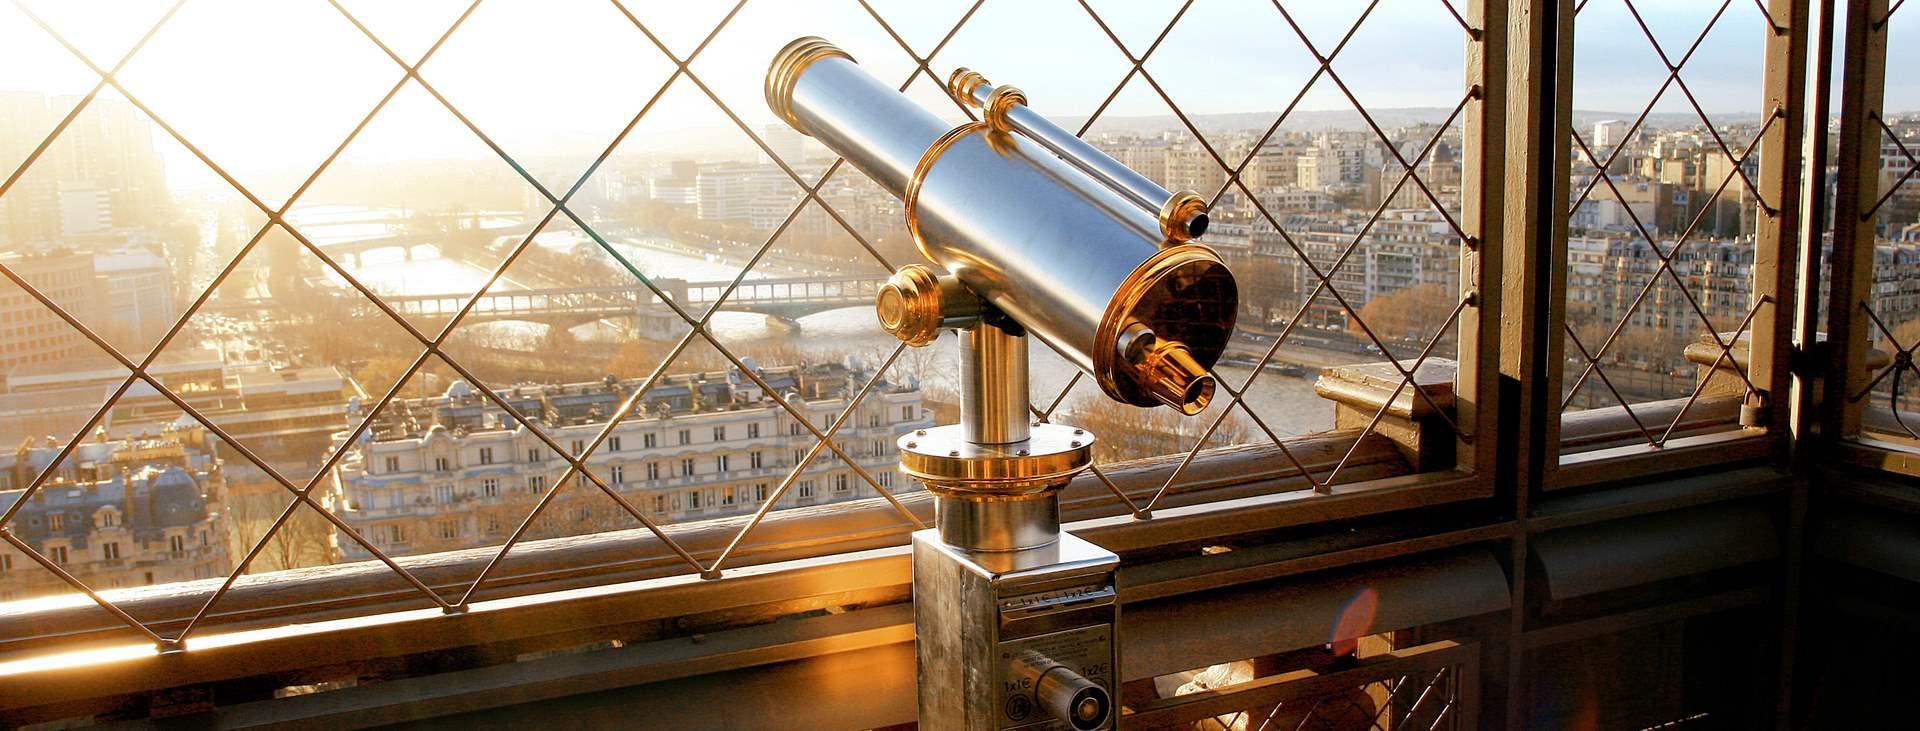 Bestill en reise til Paris med Ving